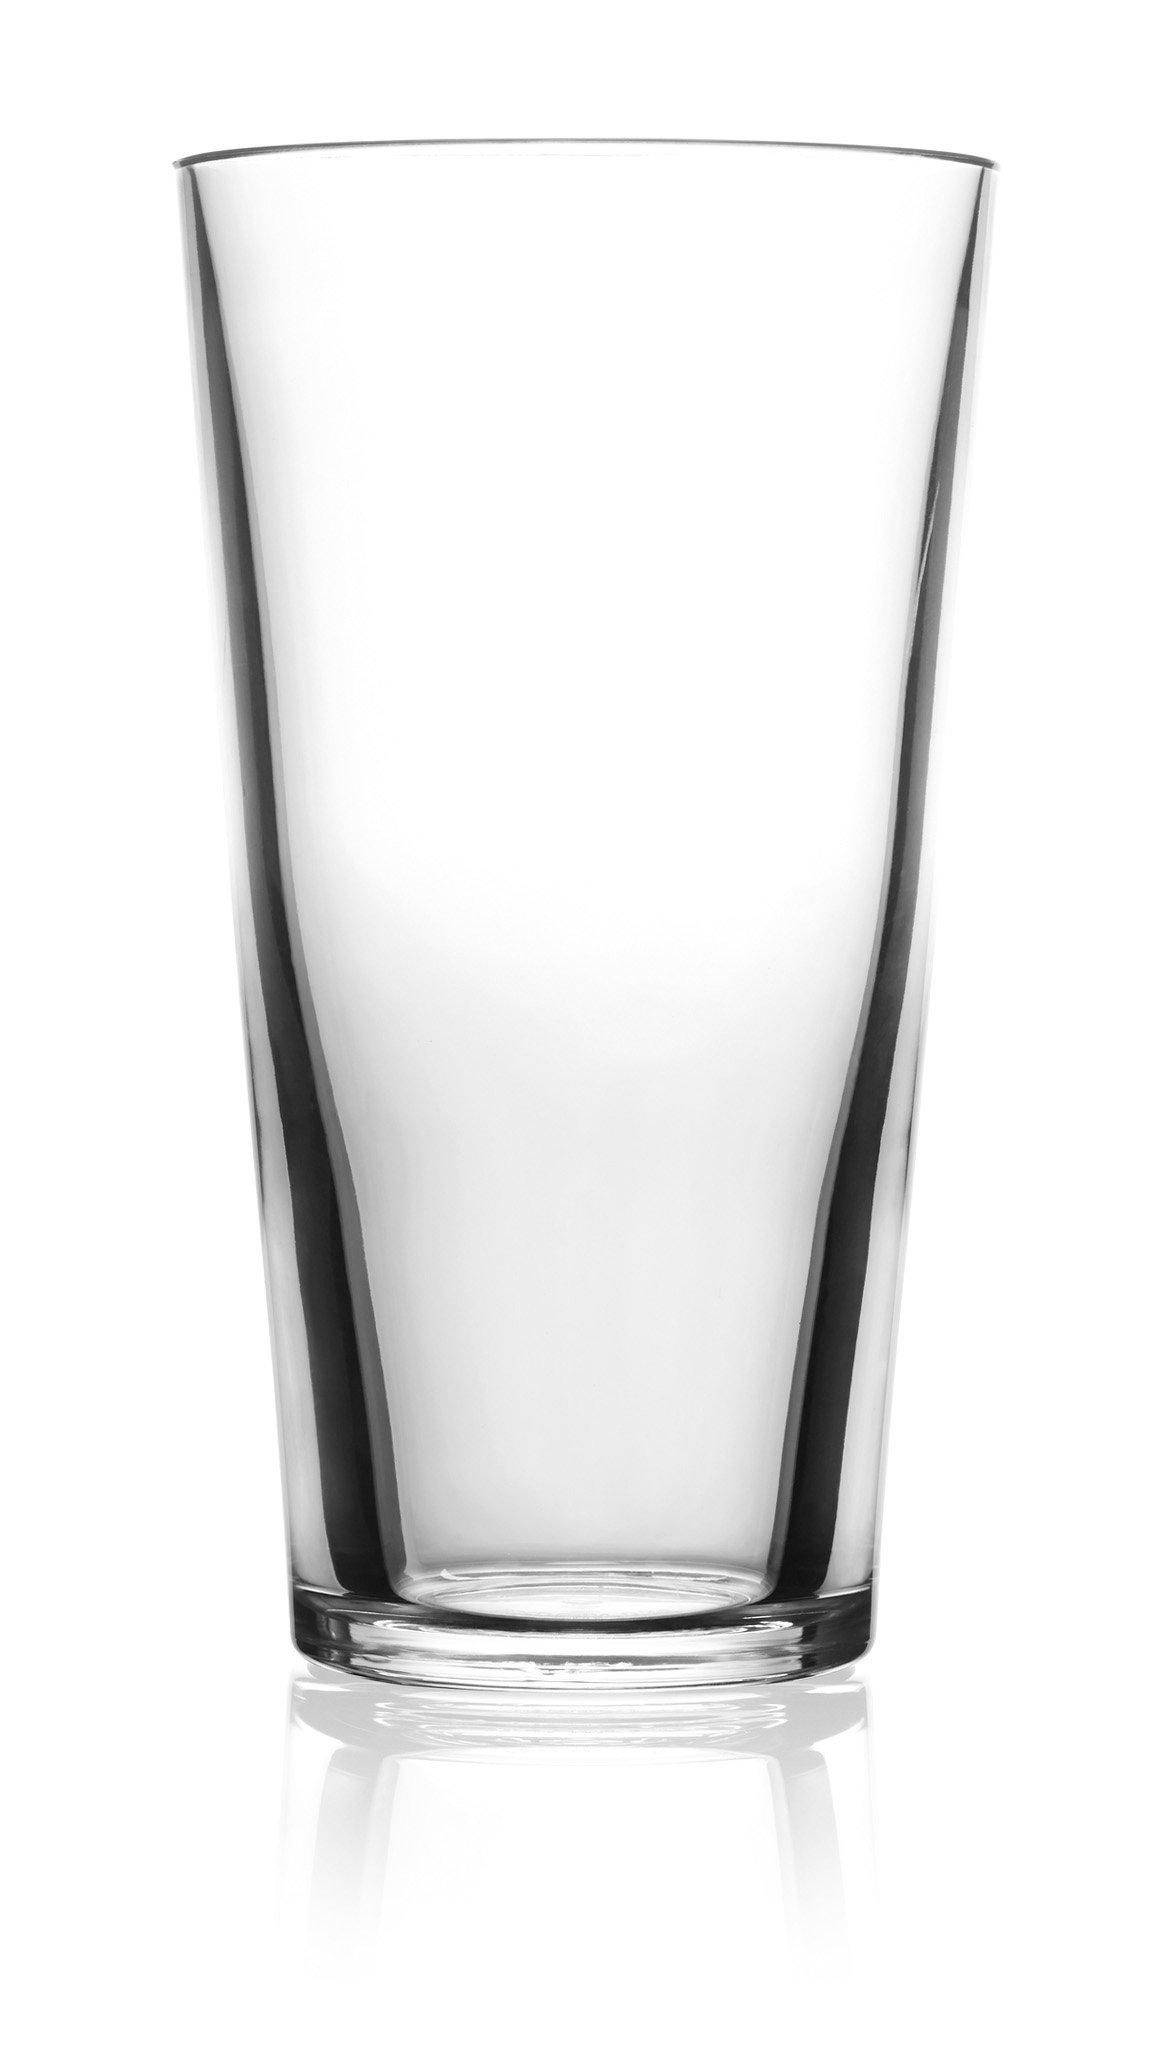 symGLASS 16-Ounce Unbreakable Pint Glass, Set of 4